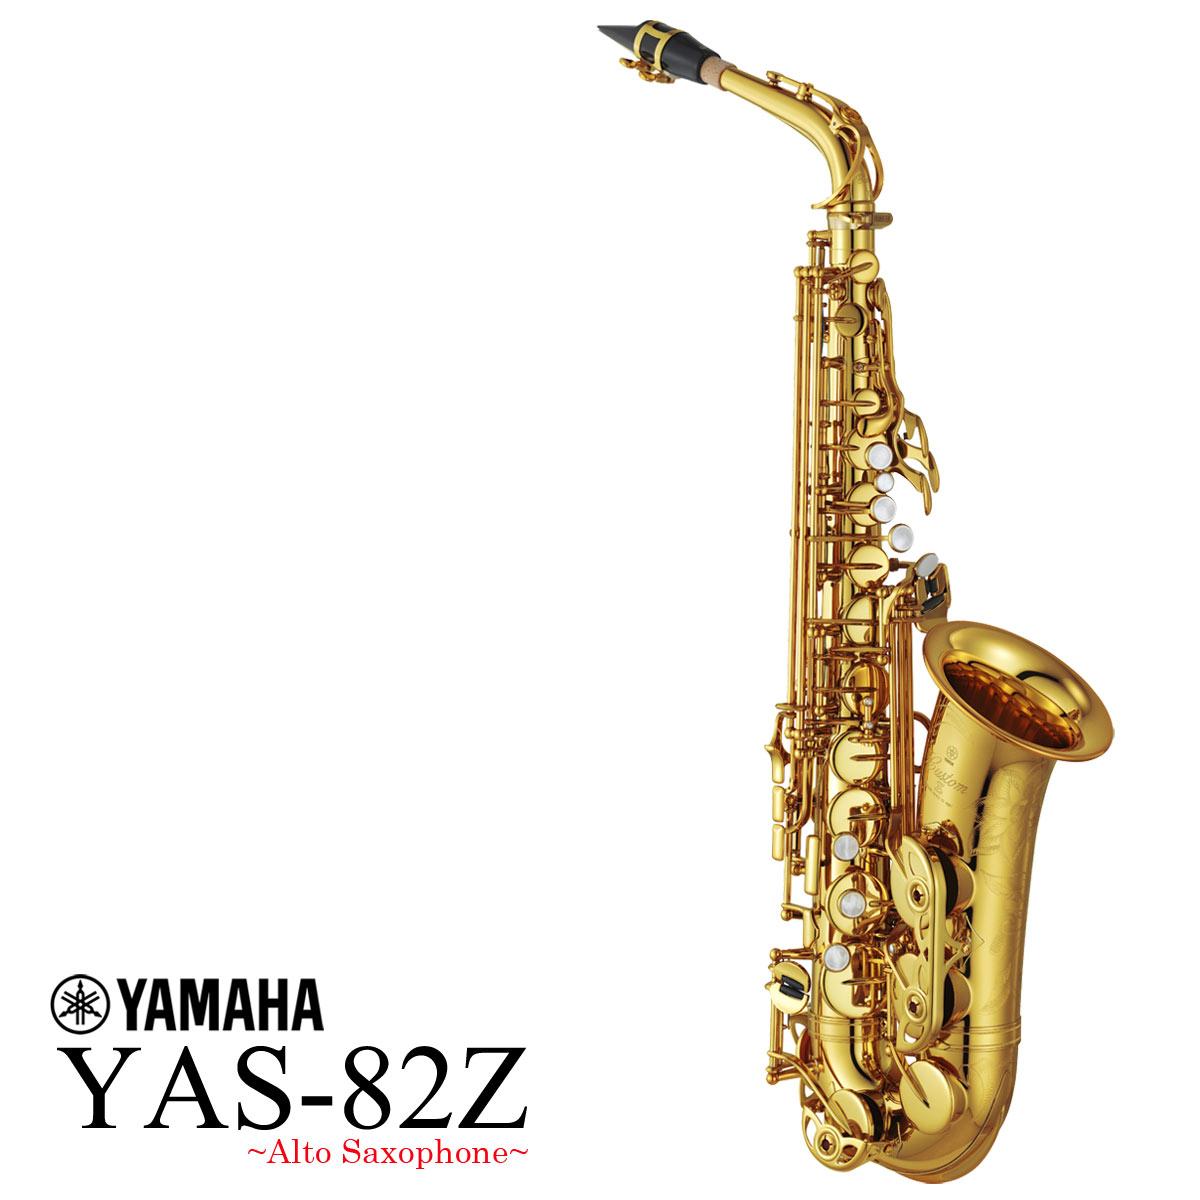 【タイムセール:29日12時まで】YAMAHA / YAS-82Z カスタム アルトサックス ラッカー仕上げ 《倉庫保管新品をお届け※出荷前調整》【5年保証】